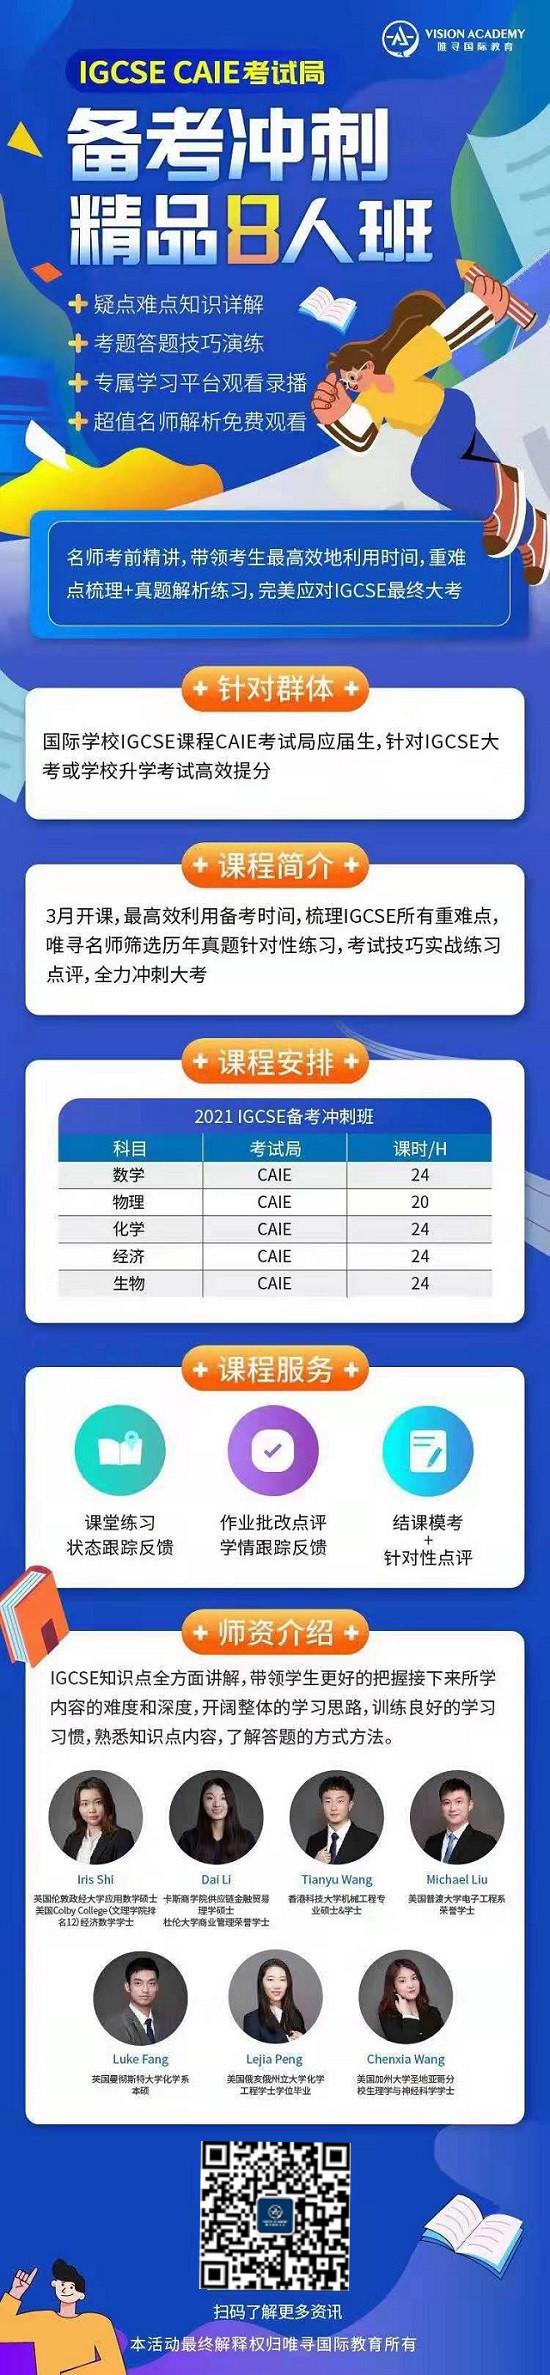 如何备考IGCSE经济考试呢?经济例子的积累至关重要内容图片_3